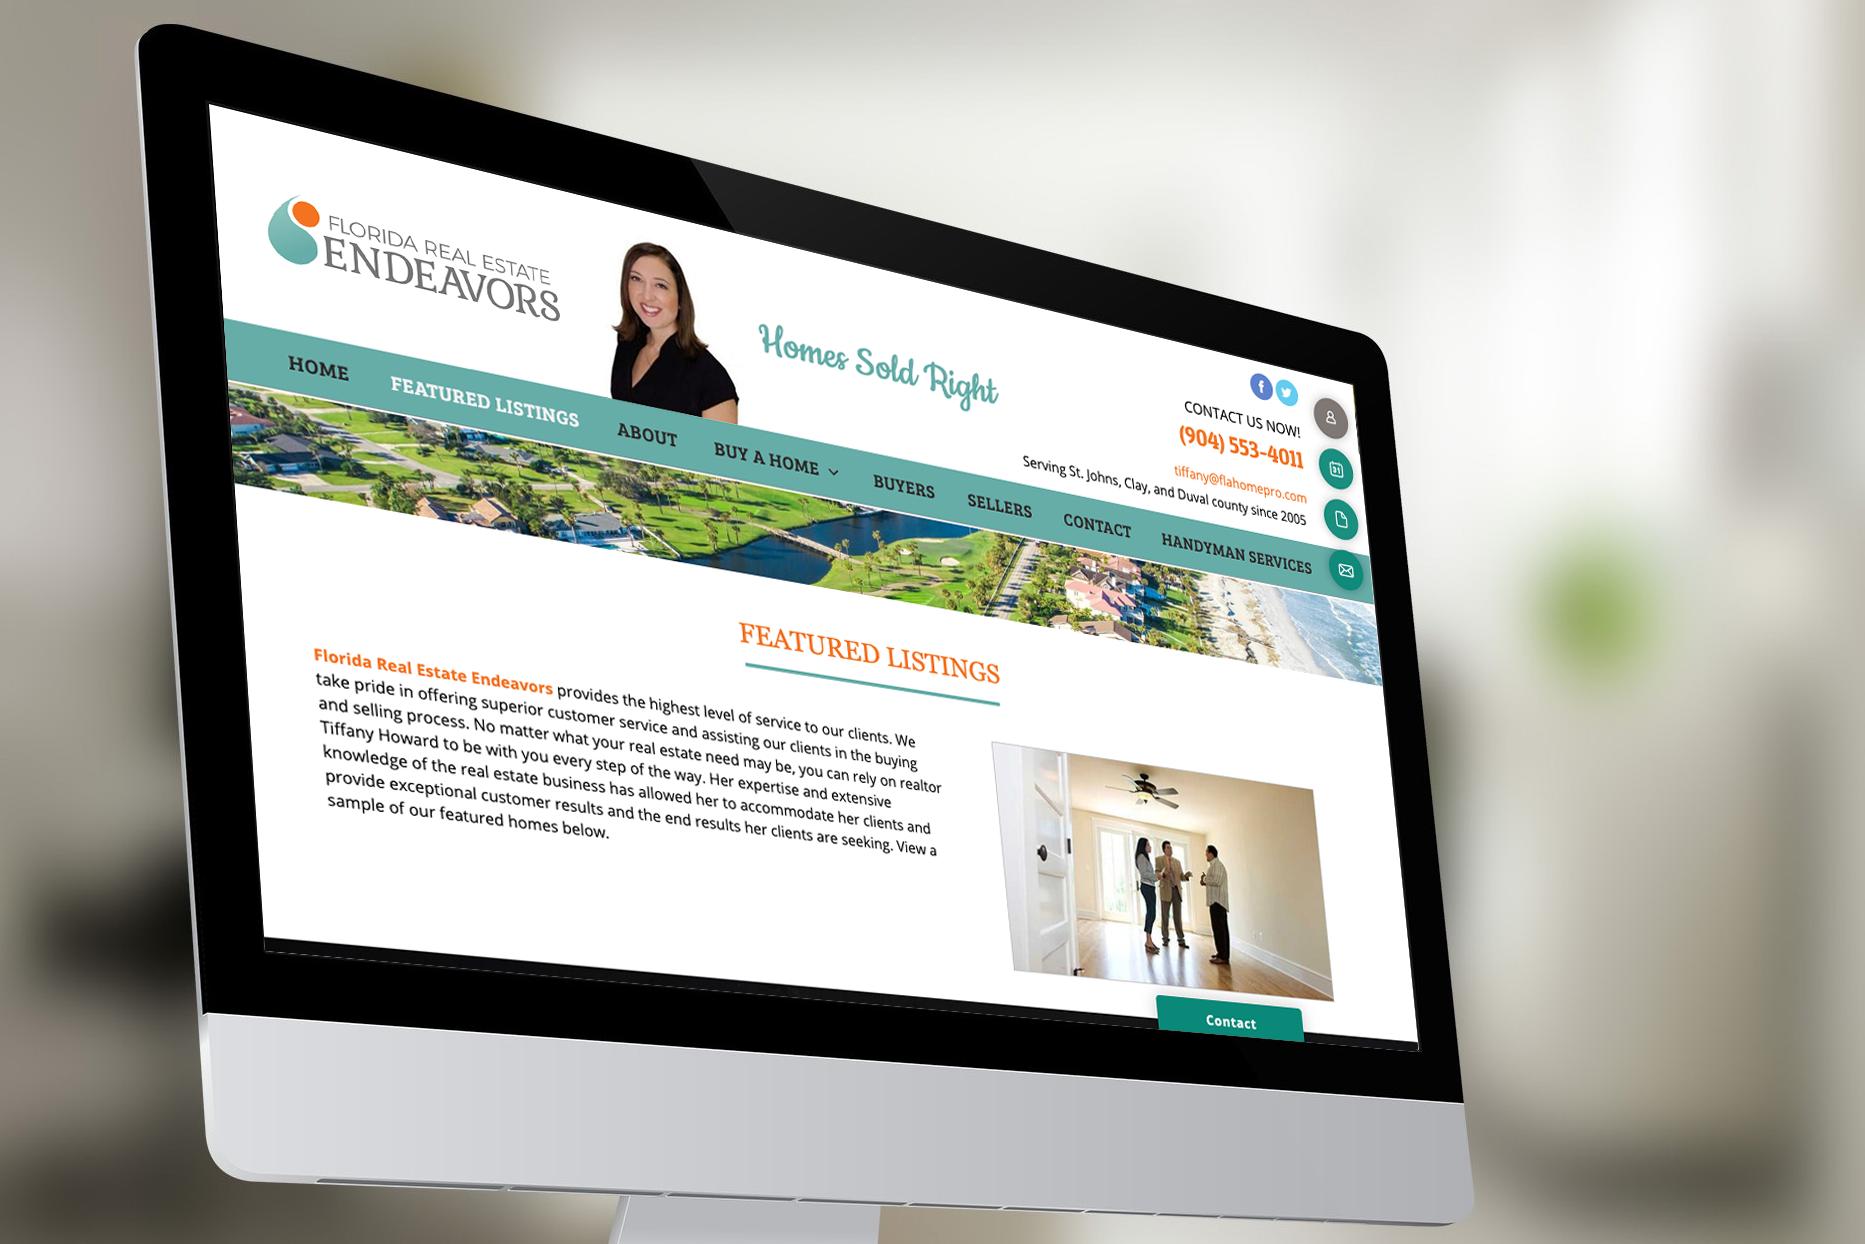 FLA Real Estate Endeavors Website